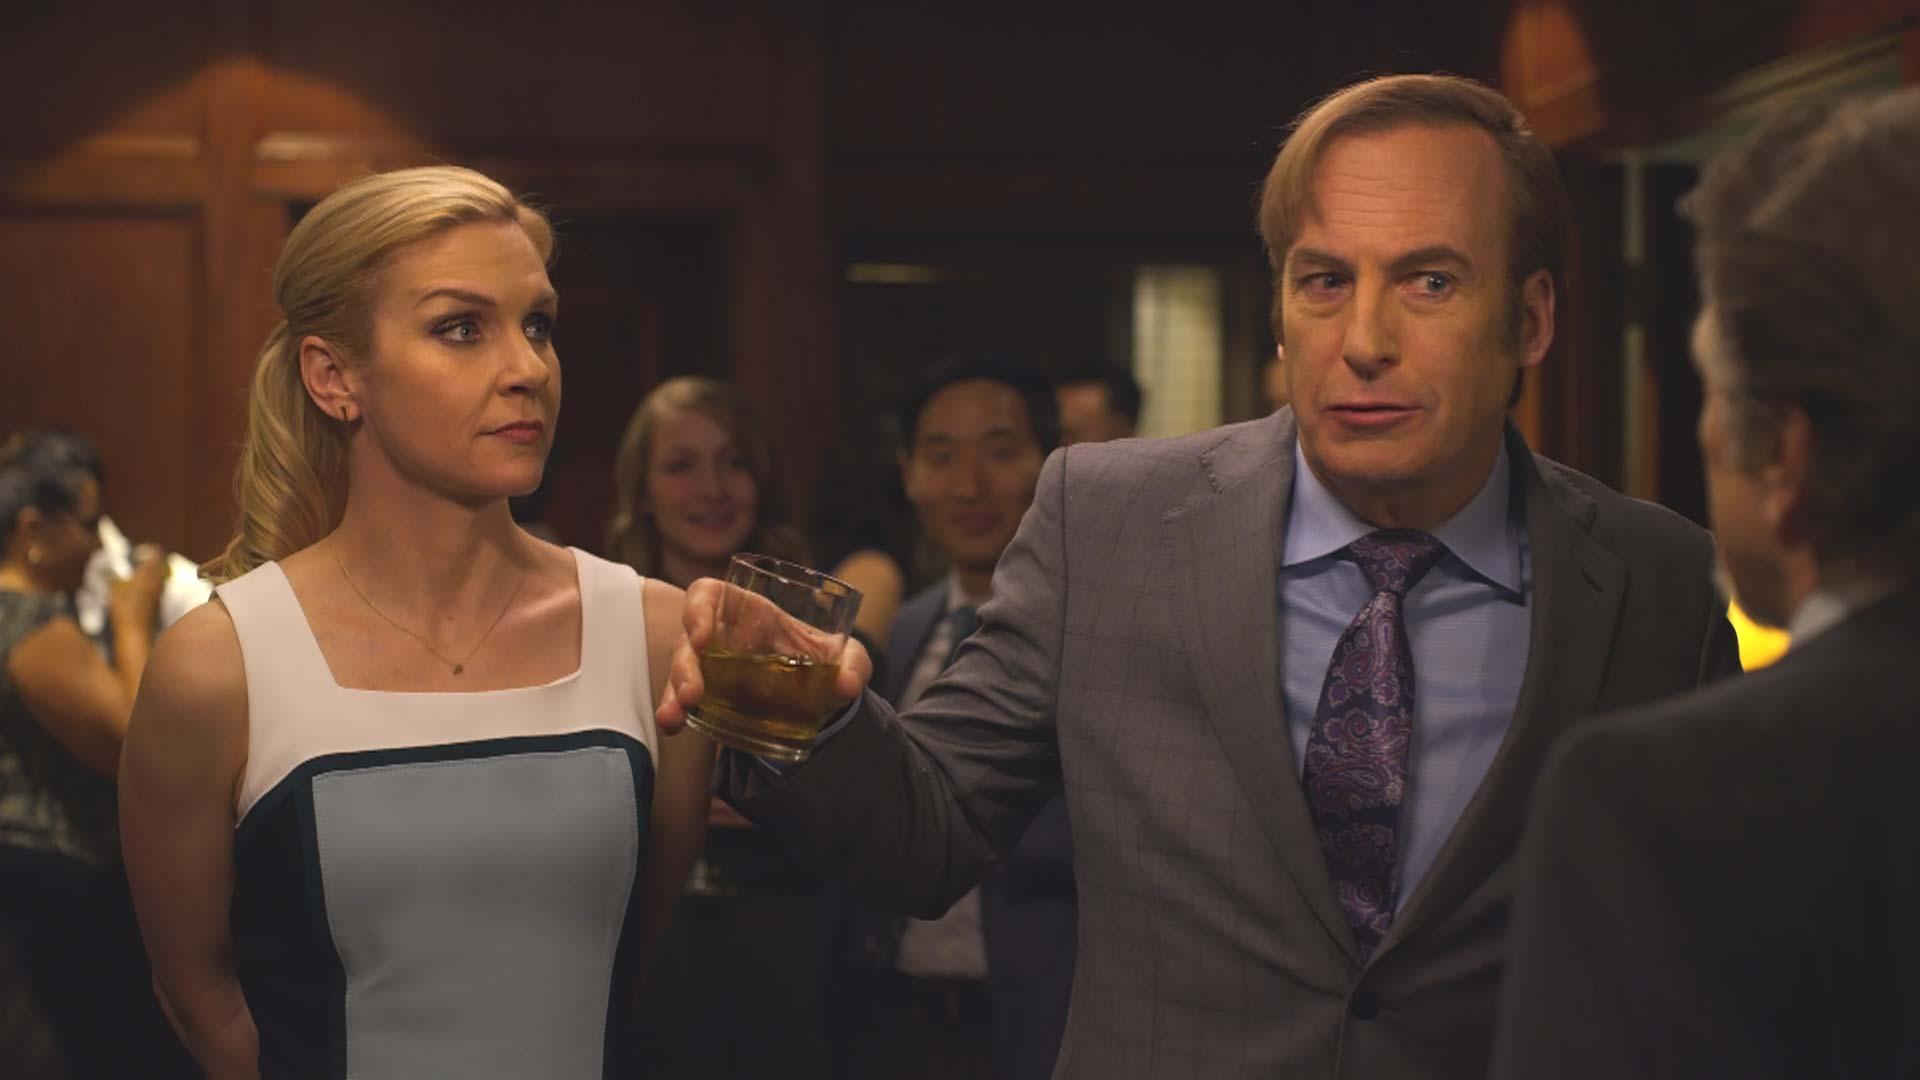 Kim and Saul